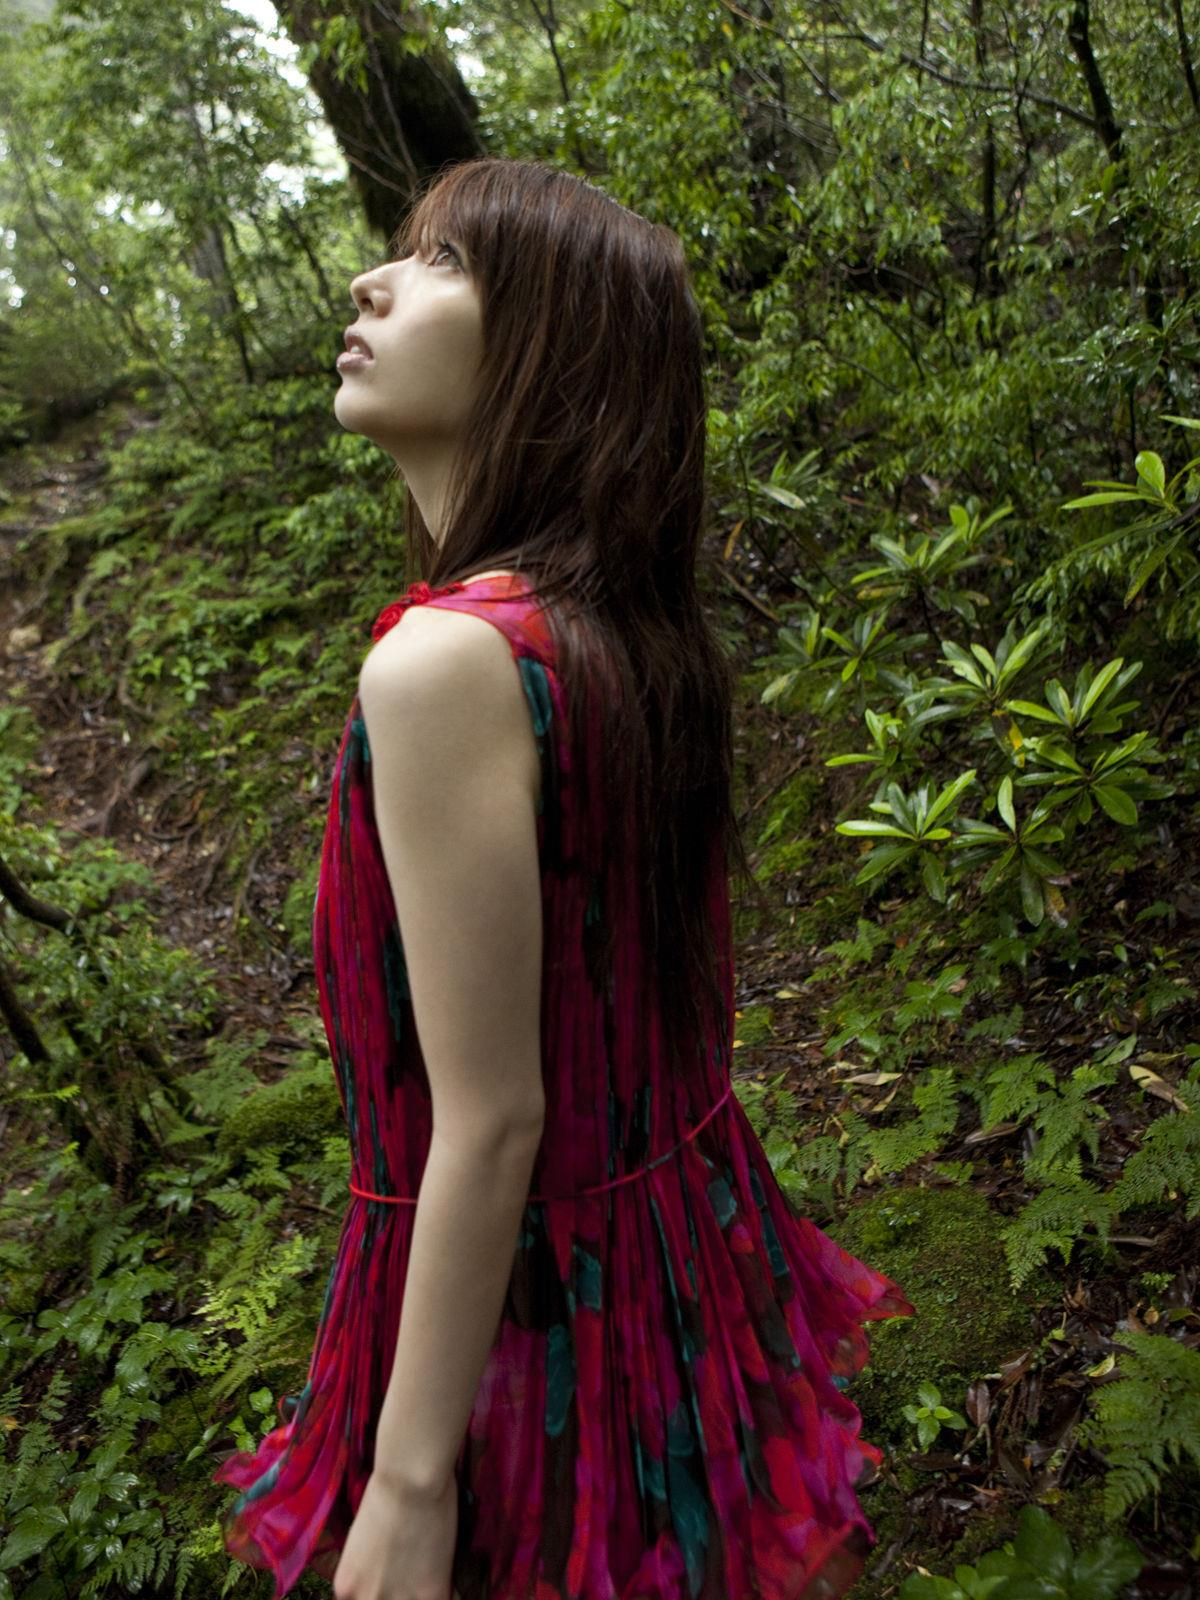 小林恵美 セミヌード画像 42